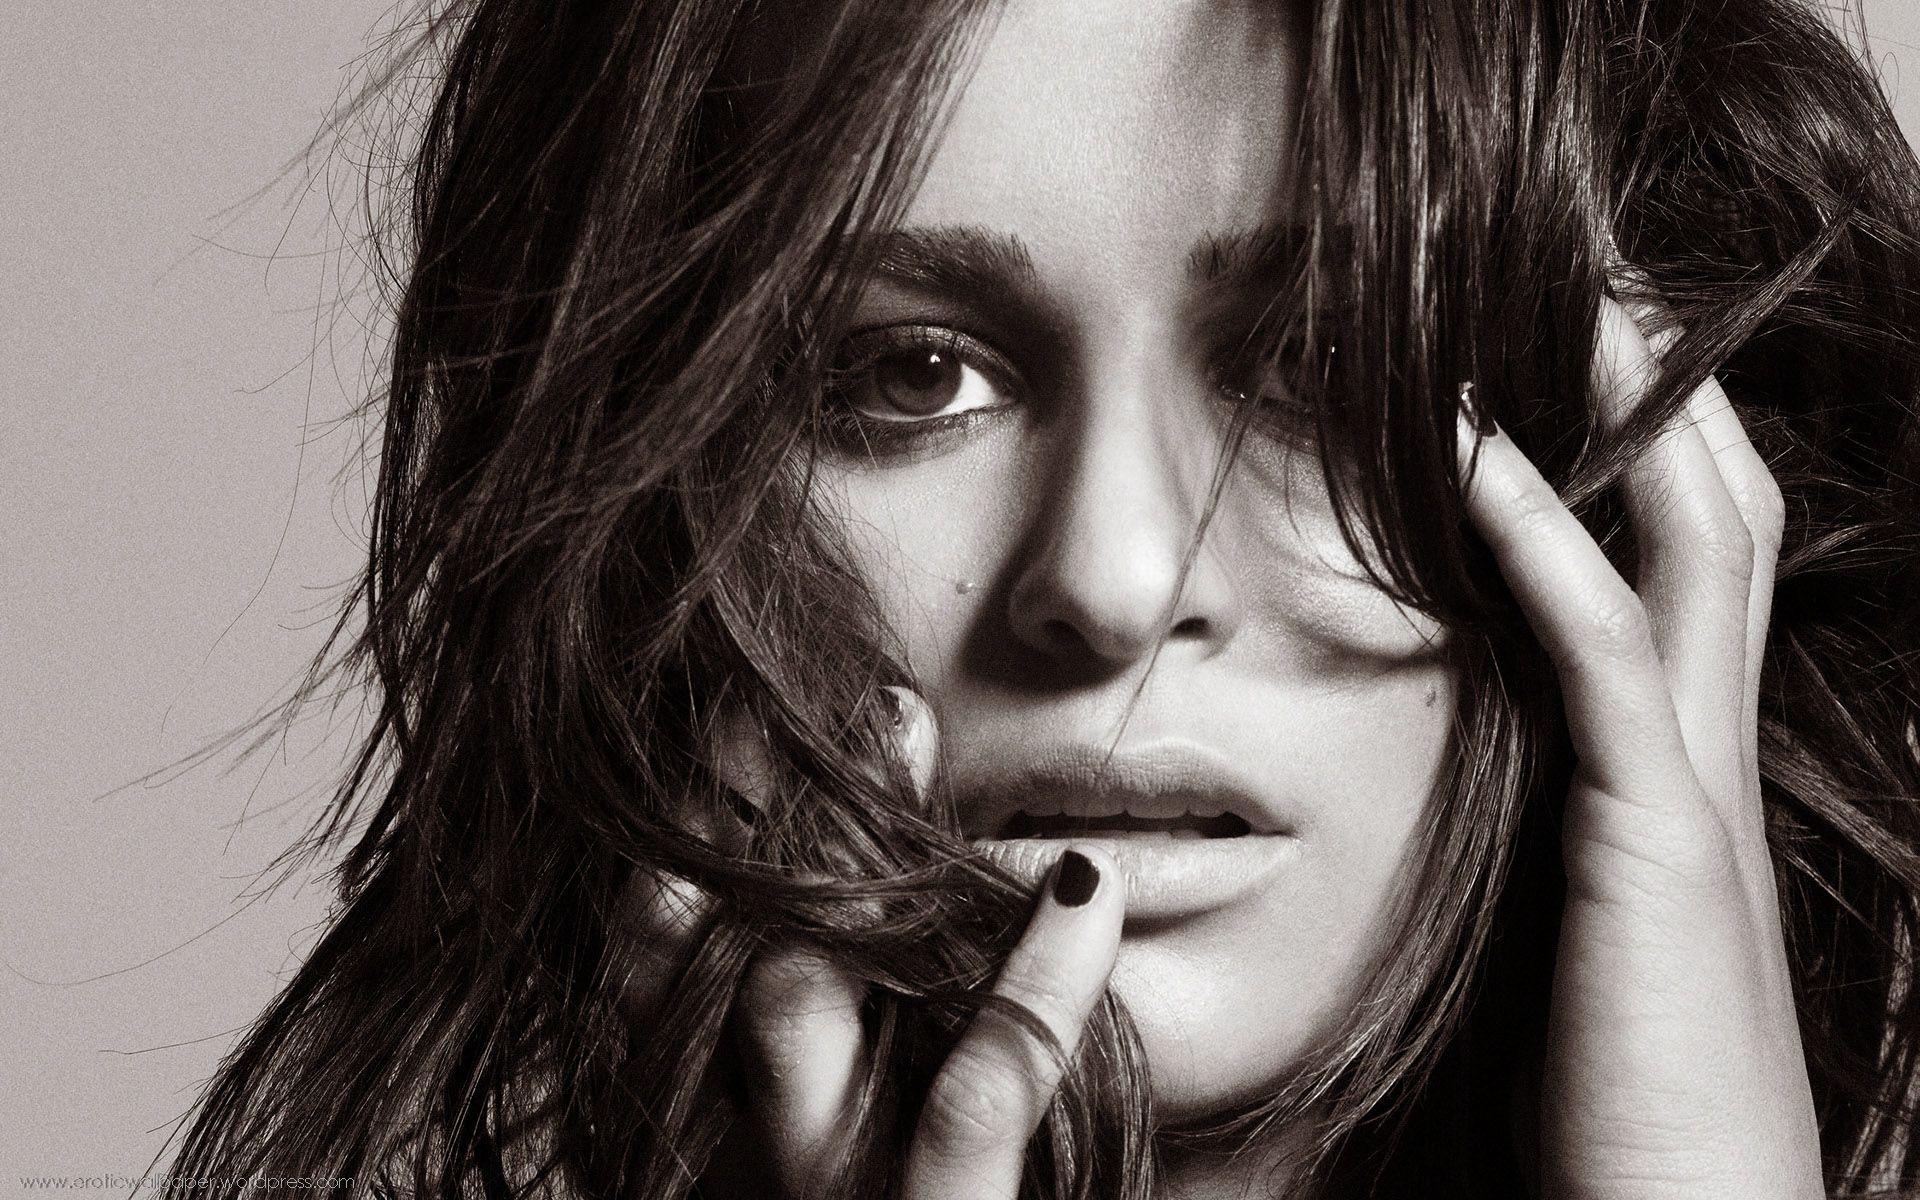 lea michele 1 - Lea Michele